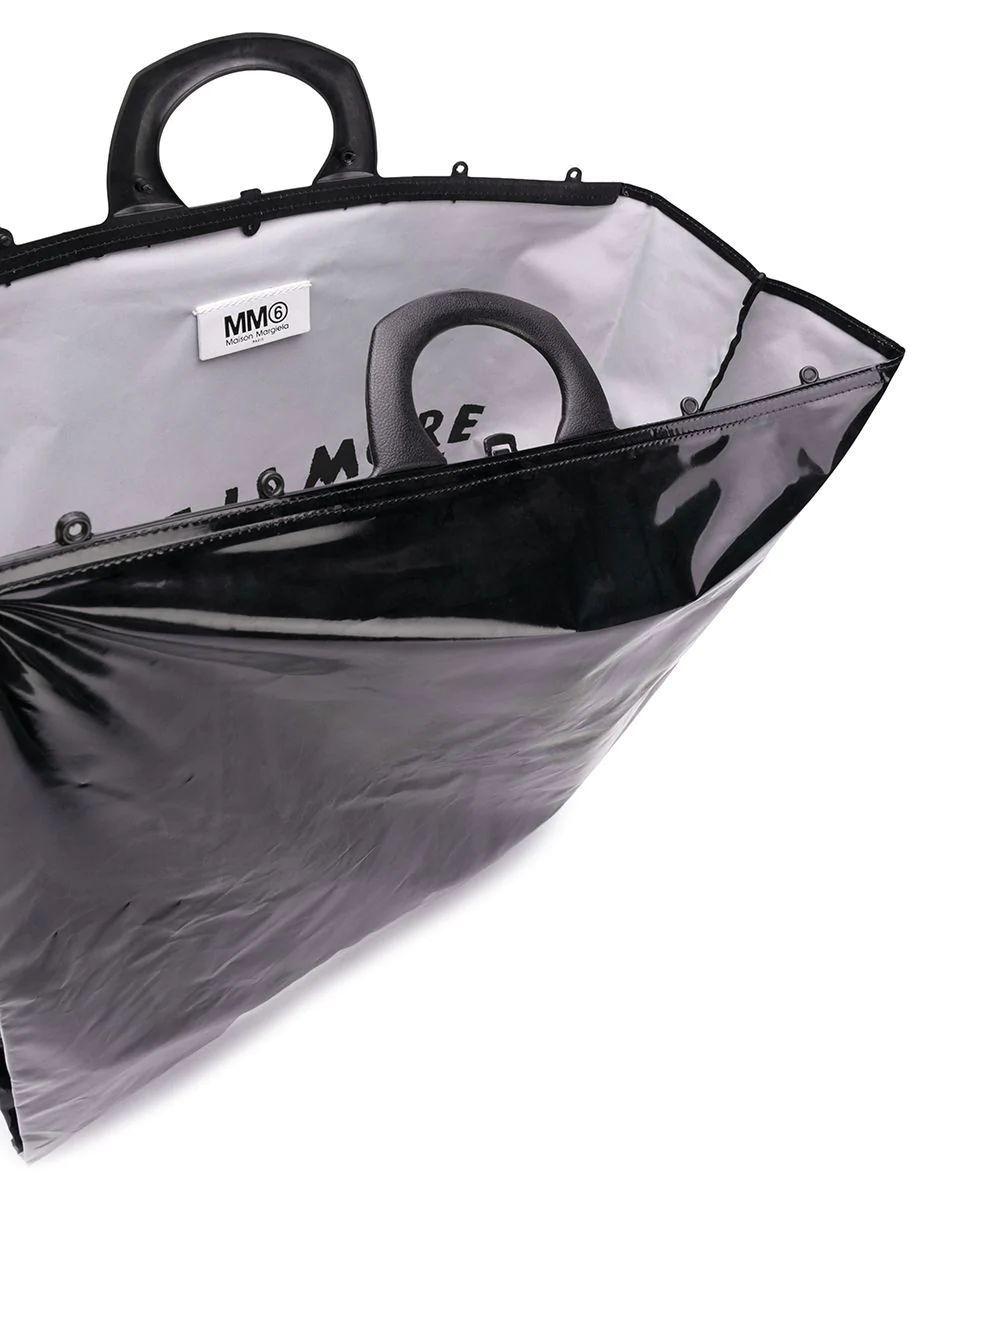 MAISON MARGIELA WOMEN'S S63WC0001P2436T8013 BLACK PVC TOTE